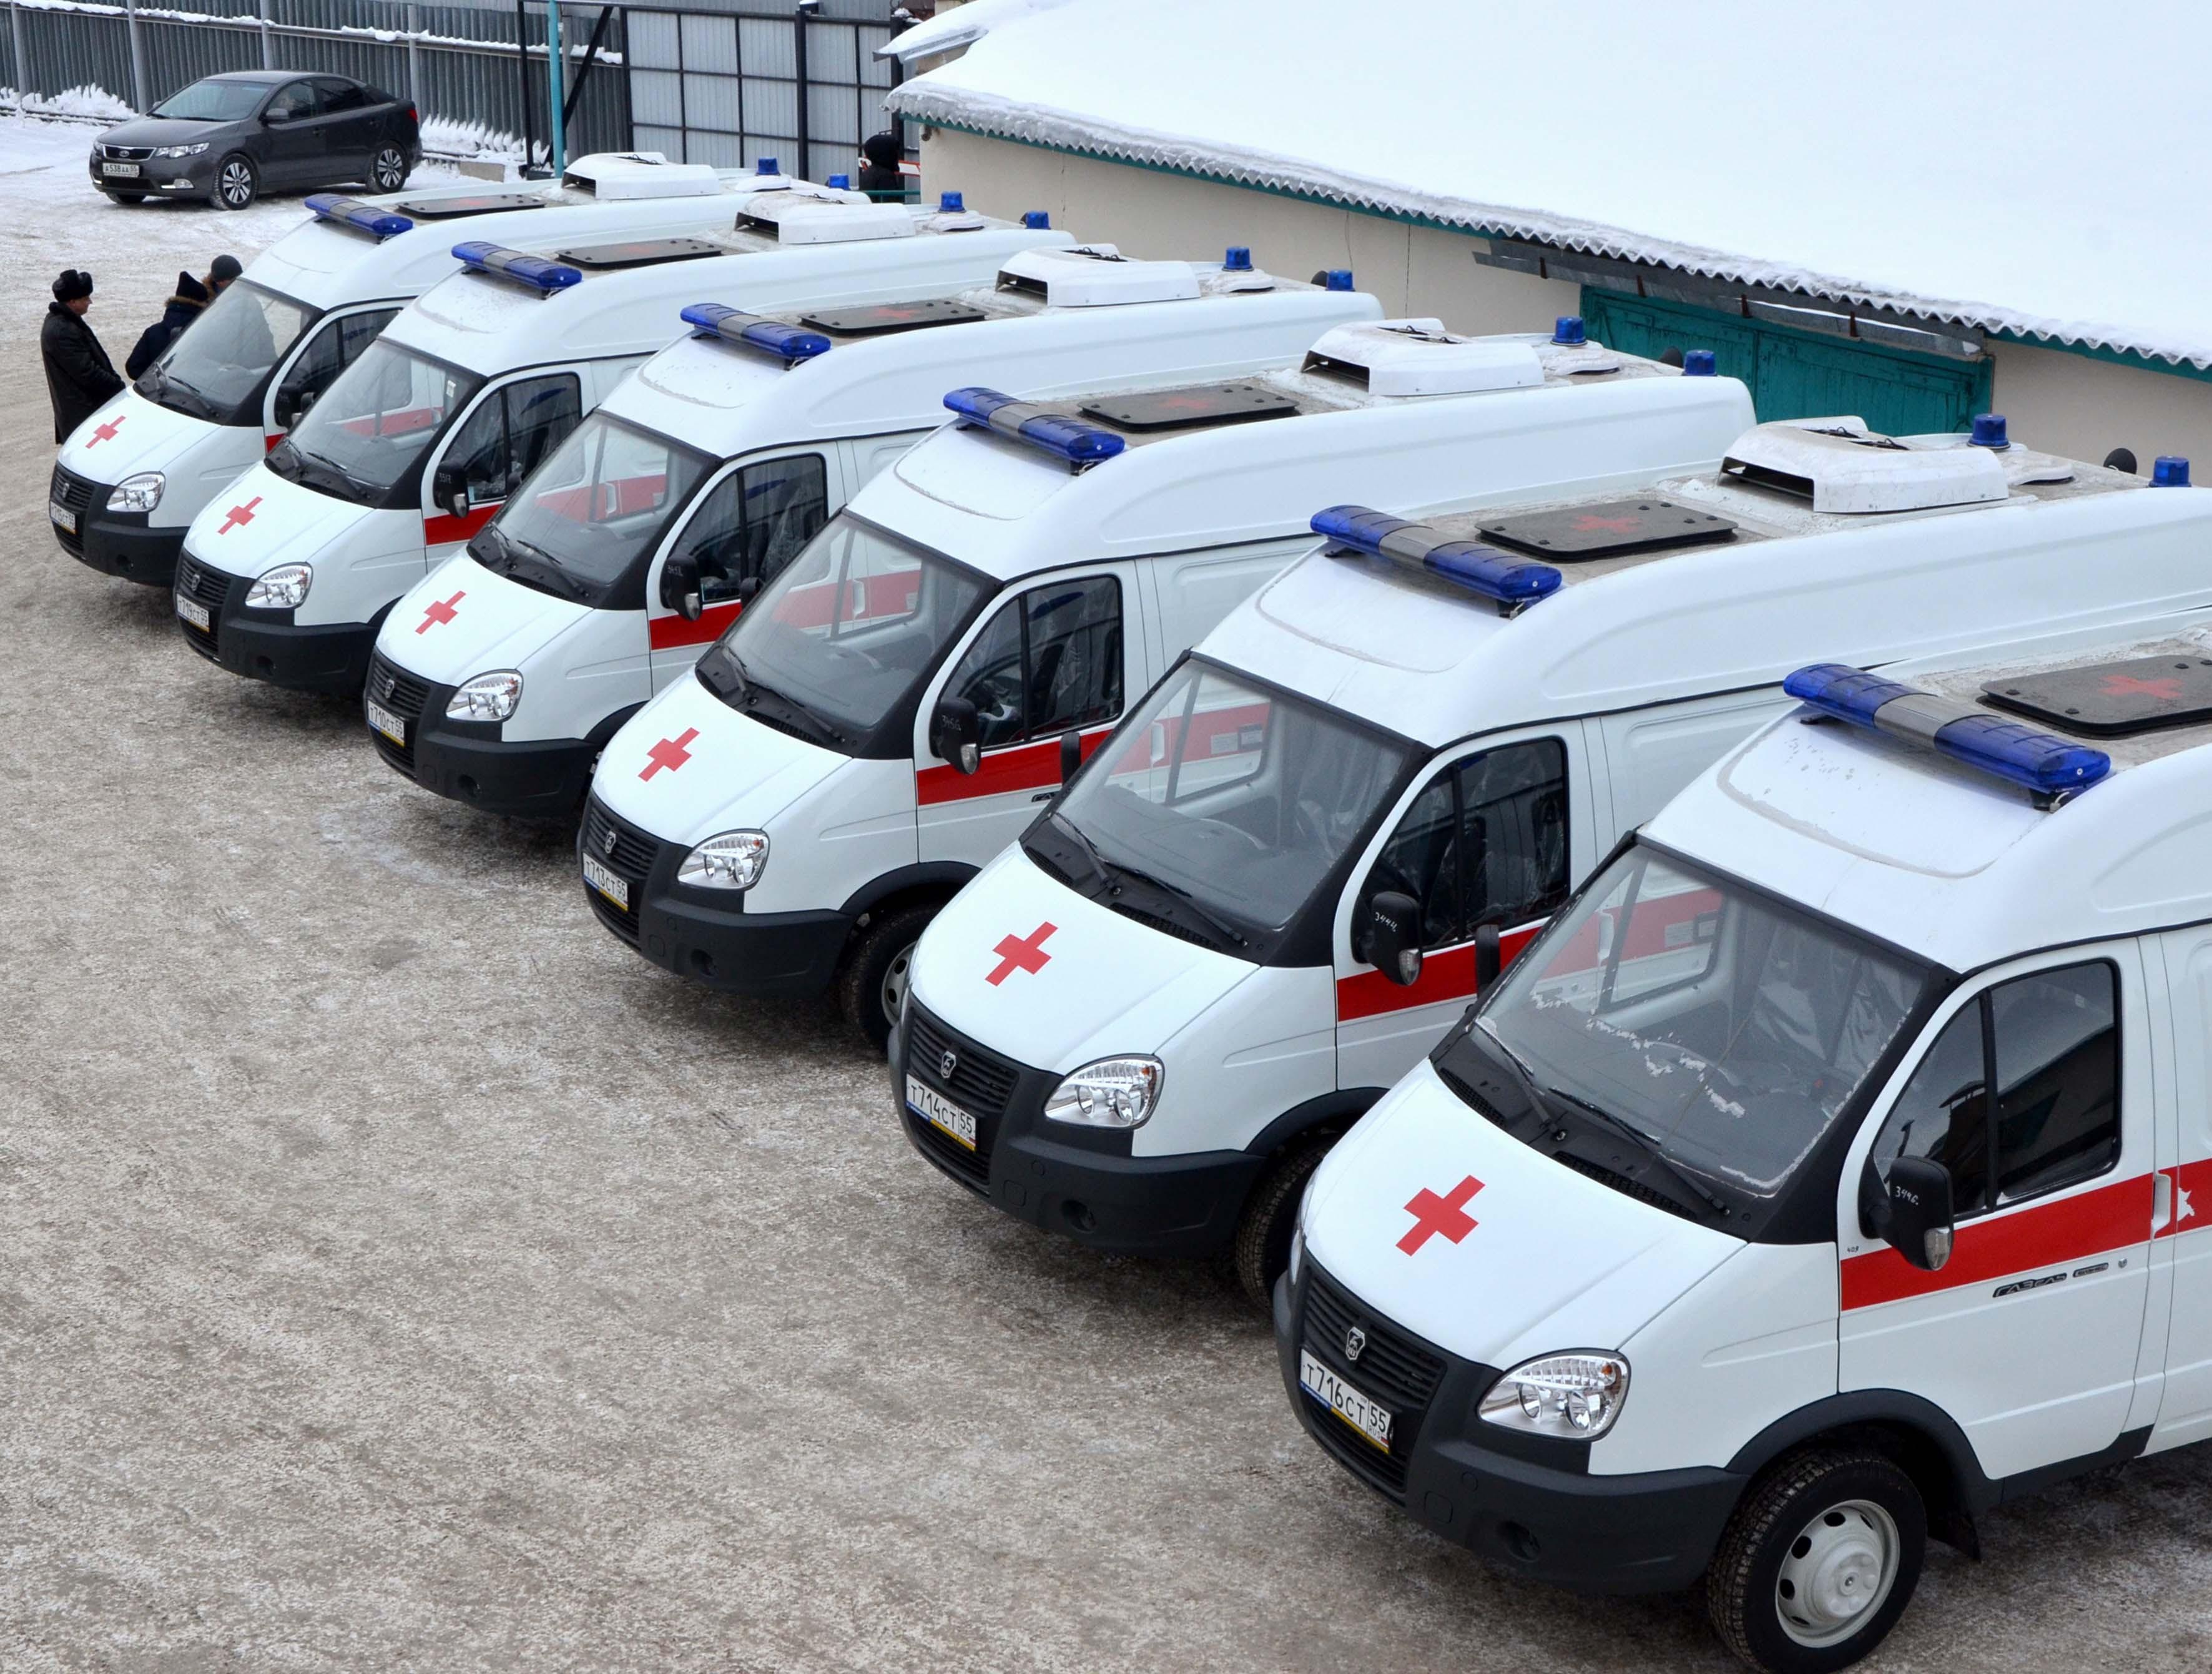 ВОмске появились 15 новых «неотложек»